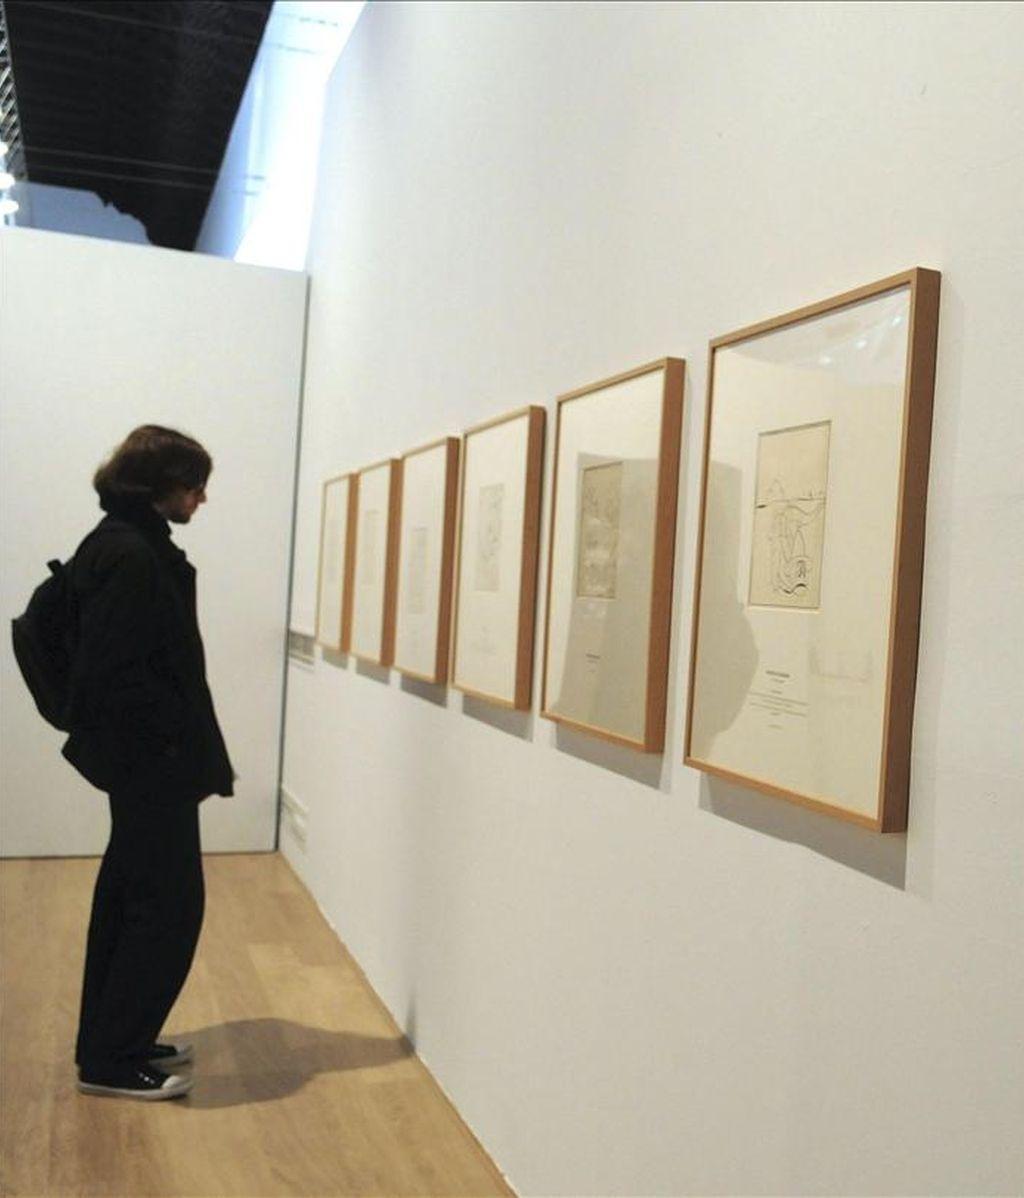 En la imagen, un joven contempla una obra del caricaturista Luis Bagaría. EFE/Archivo